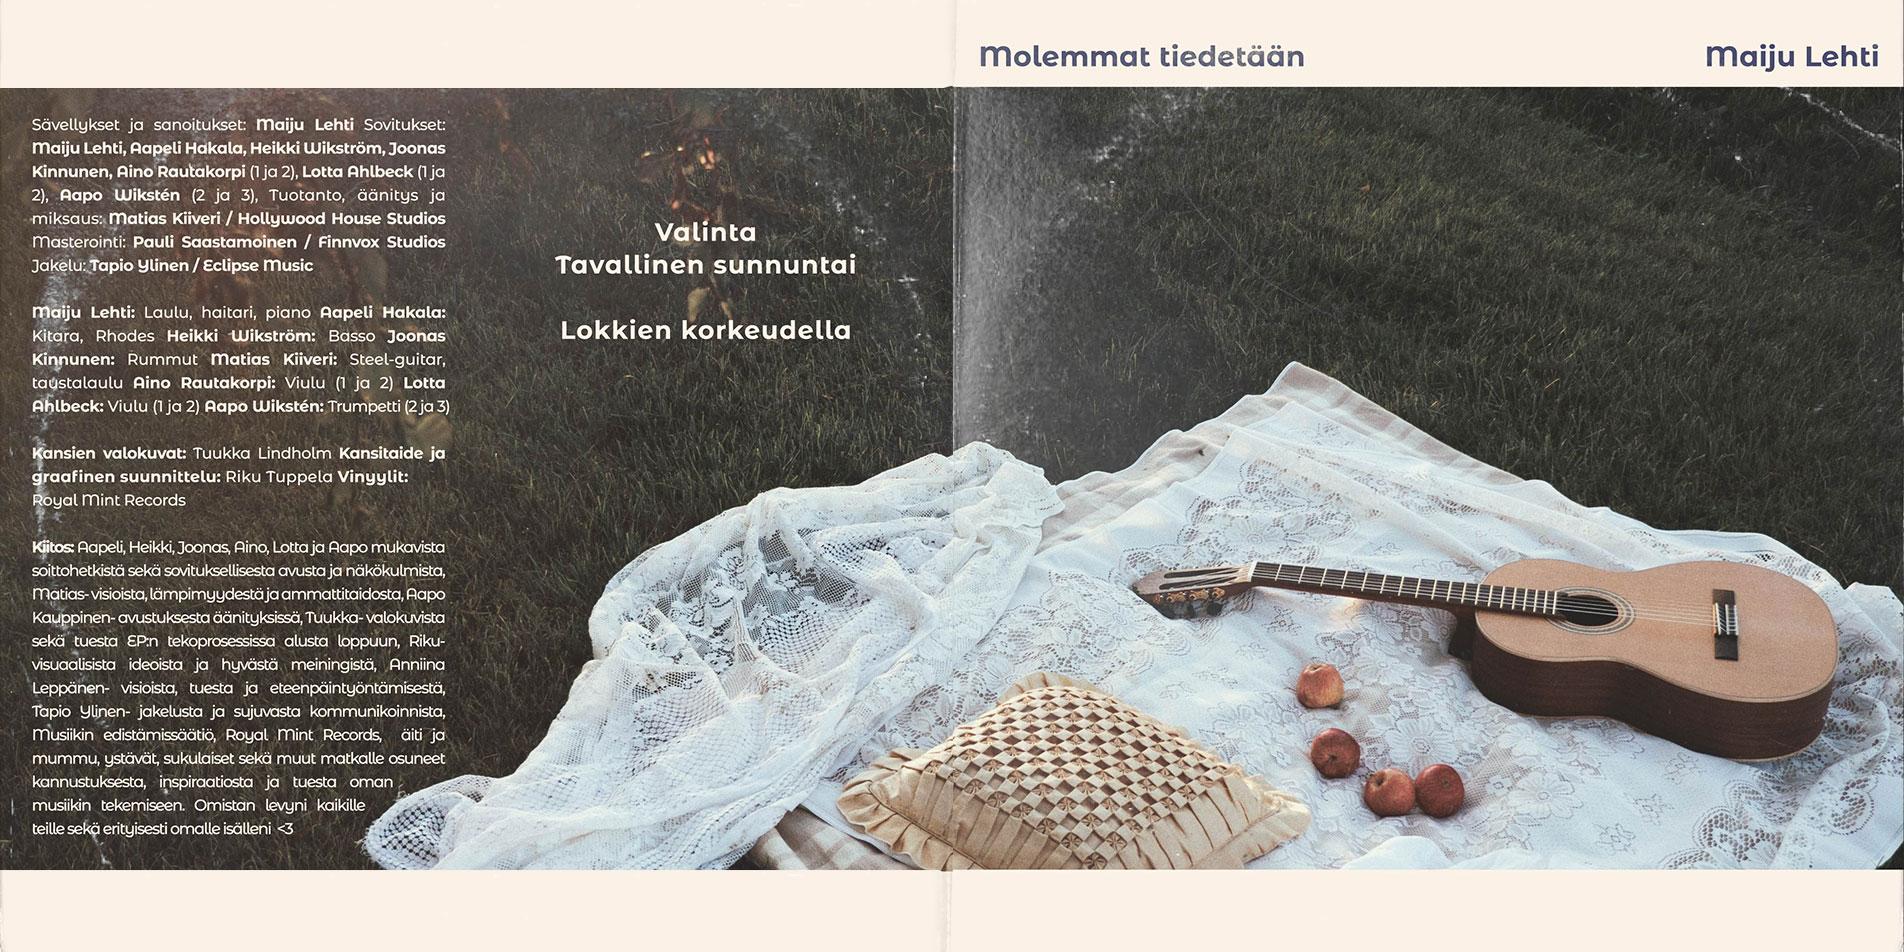 Maiju Lehti Molemmat tiedetään EP kansi avattuna. Kuvassa on vastaleikattu nurmikko. Sen päällä valkoinen pitsiviltti, jonka päällä makaa kitara, silkkinen tyyny ja neljä omenaa.